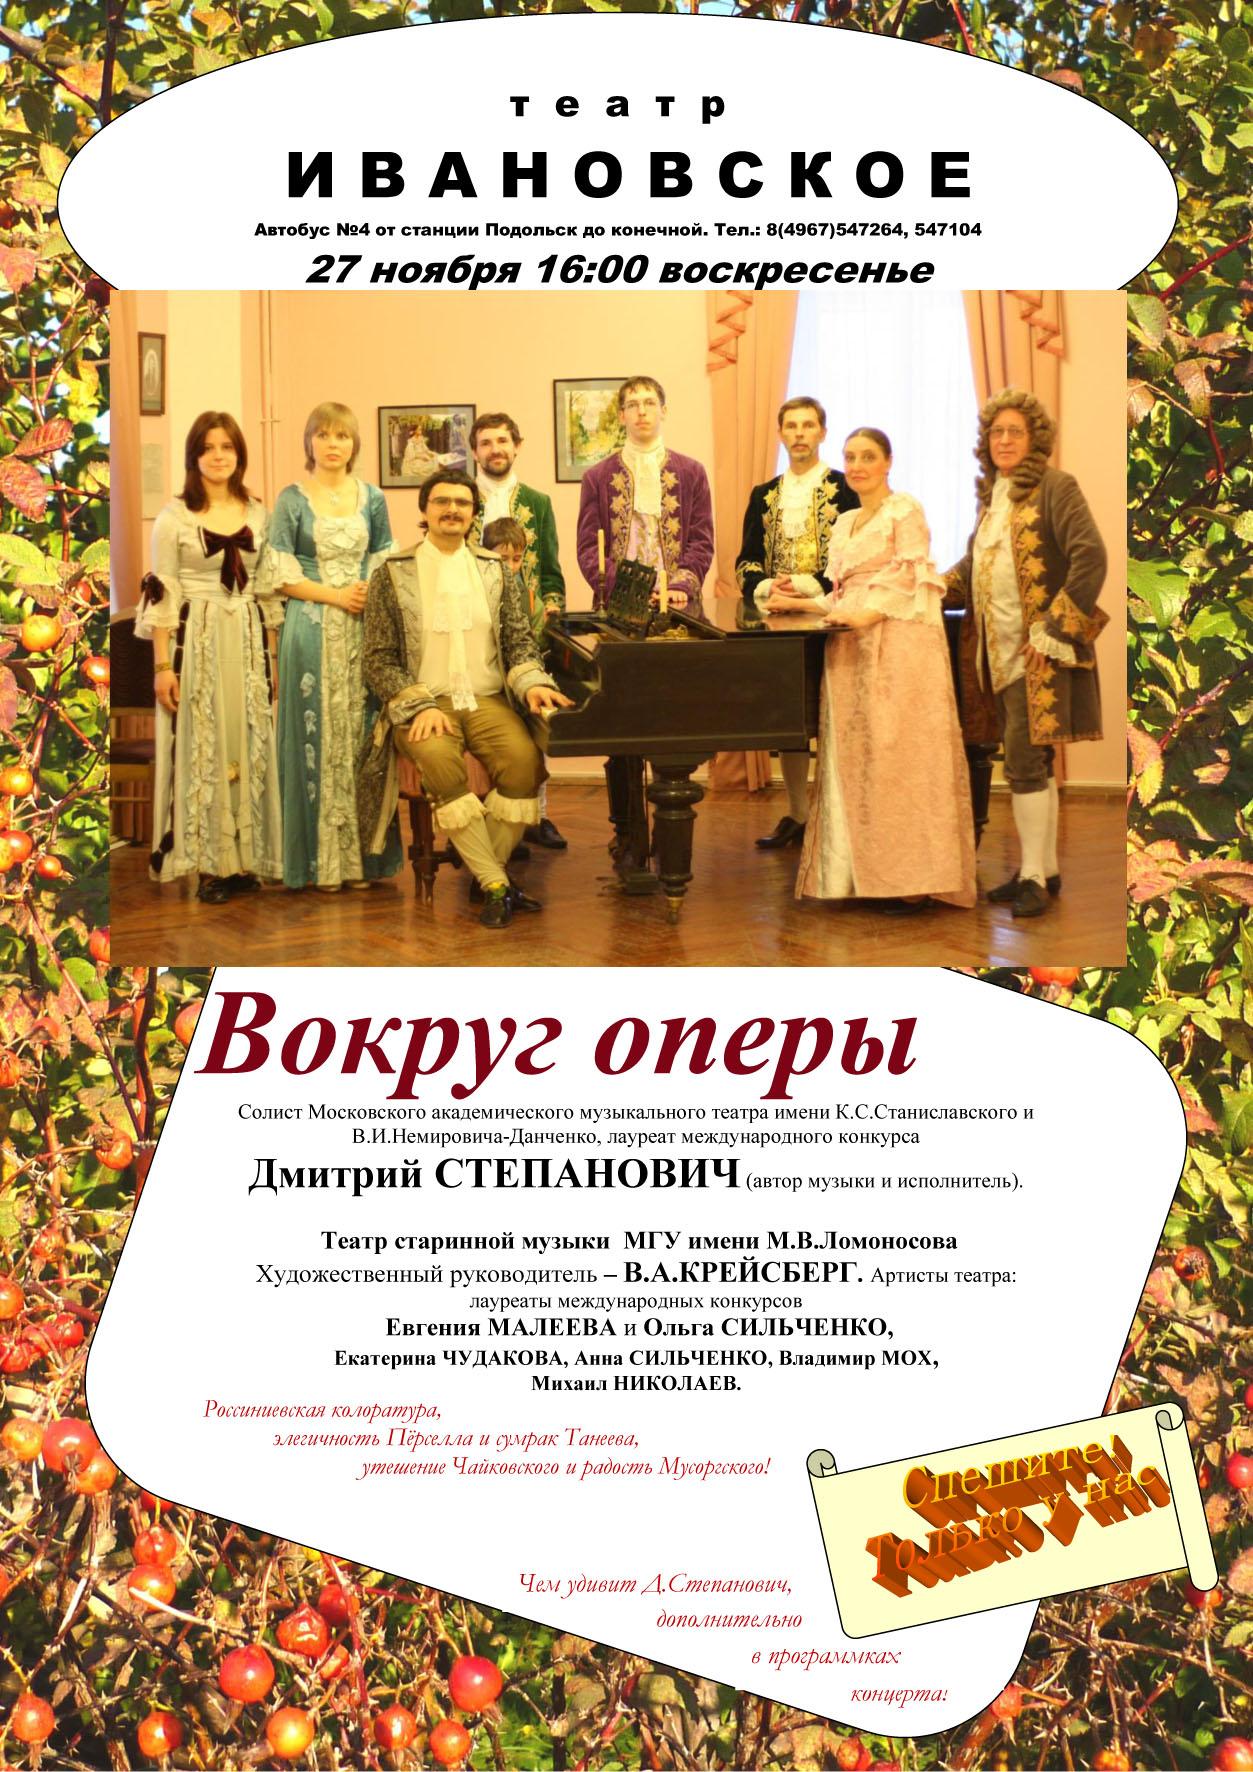 бас Дмитрий Степанович, bass Dmitri Stepanovich, Народный ...